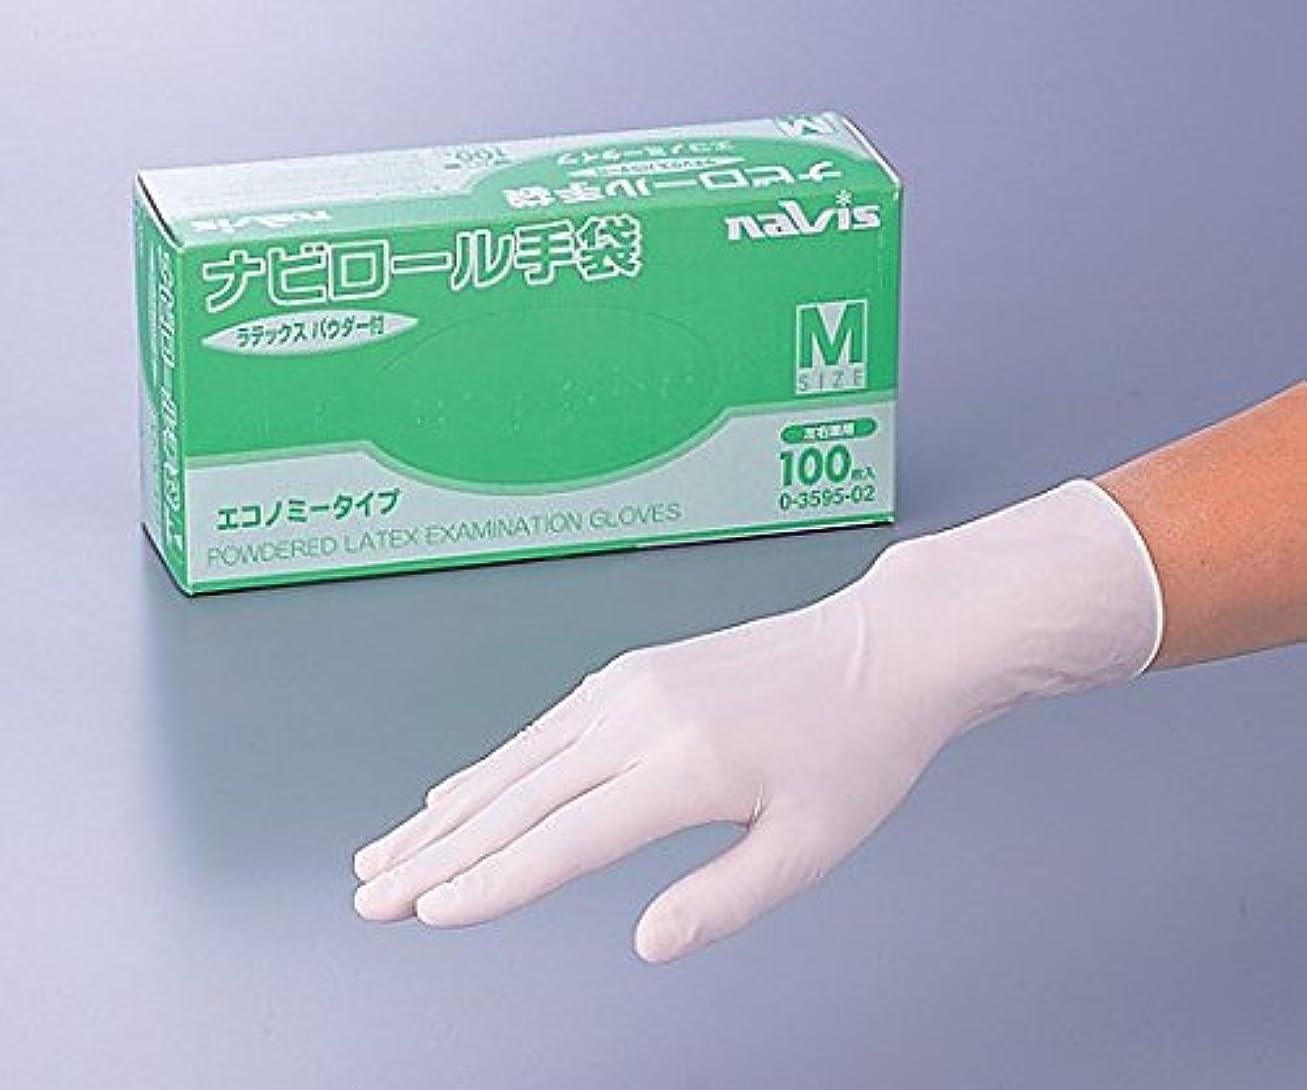 裁判所インフルエンザ協力的アズワン0-3595-02ナビロール手袋(エコノミータイプ?パウダー付)M100枚入